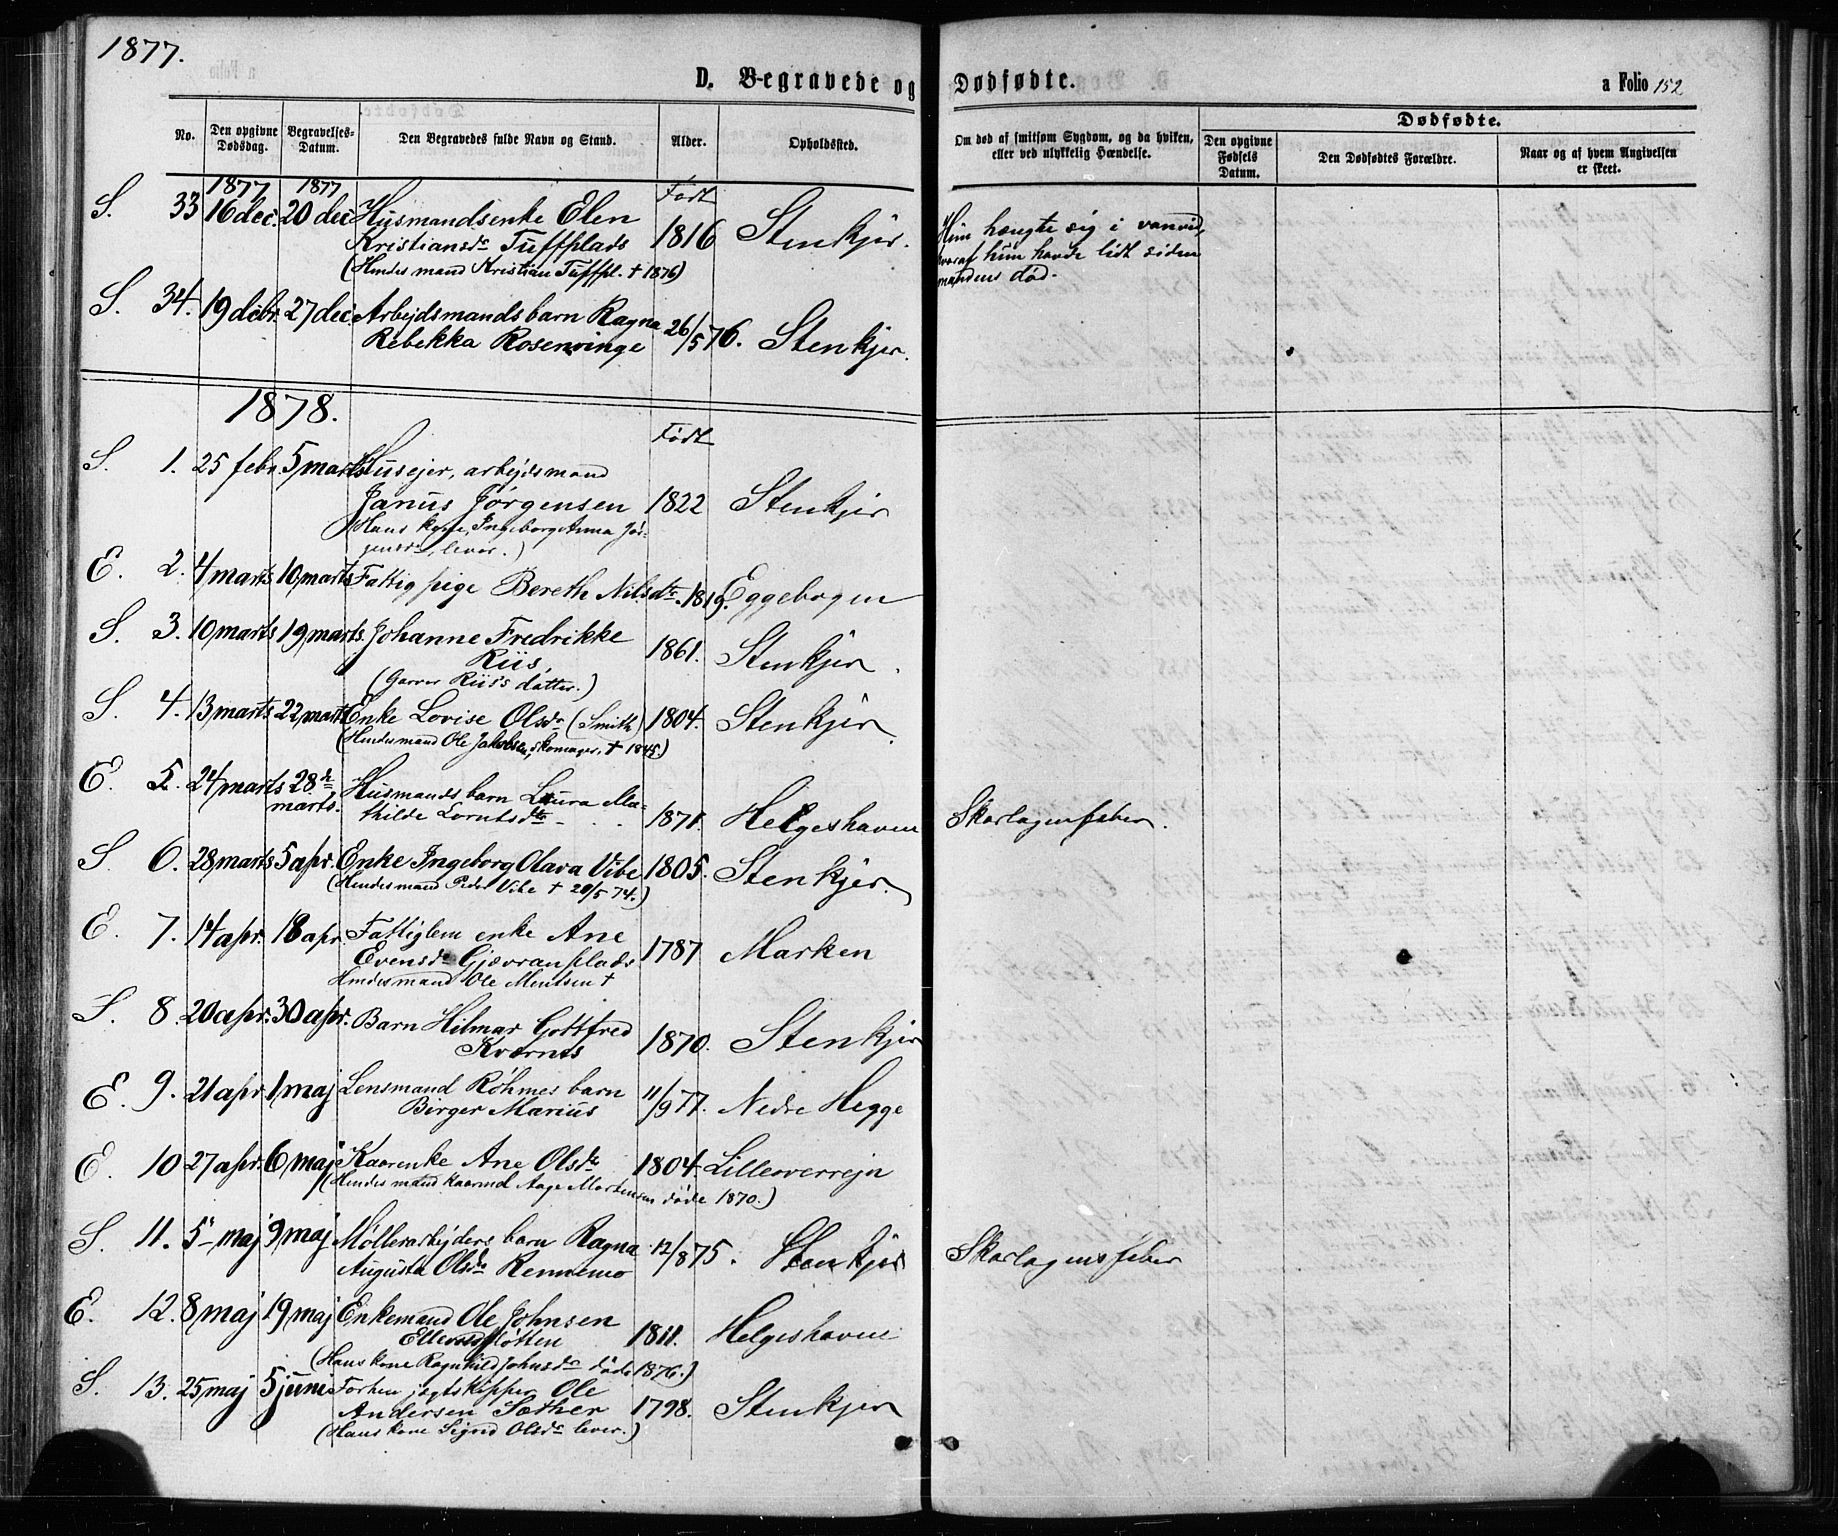 SAT, Ministerialprotokoller, klokkerbøker og fødselsregistre - Nord-Trøndelag, 739/L0370: Ministerialbok nr. 739A02, 1868-1881, s. 152